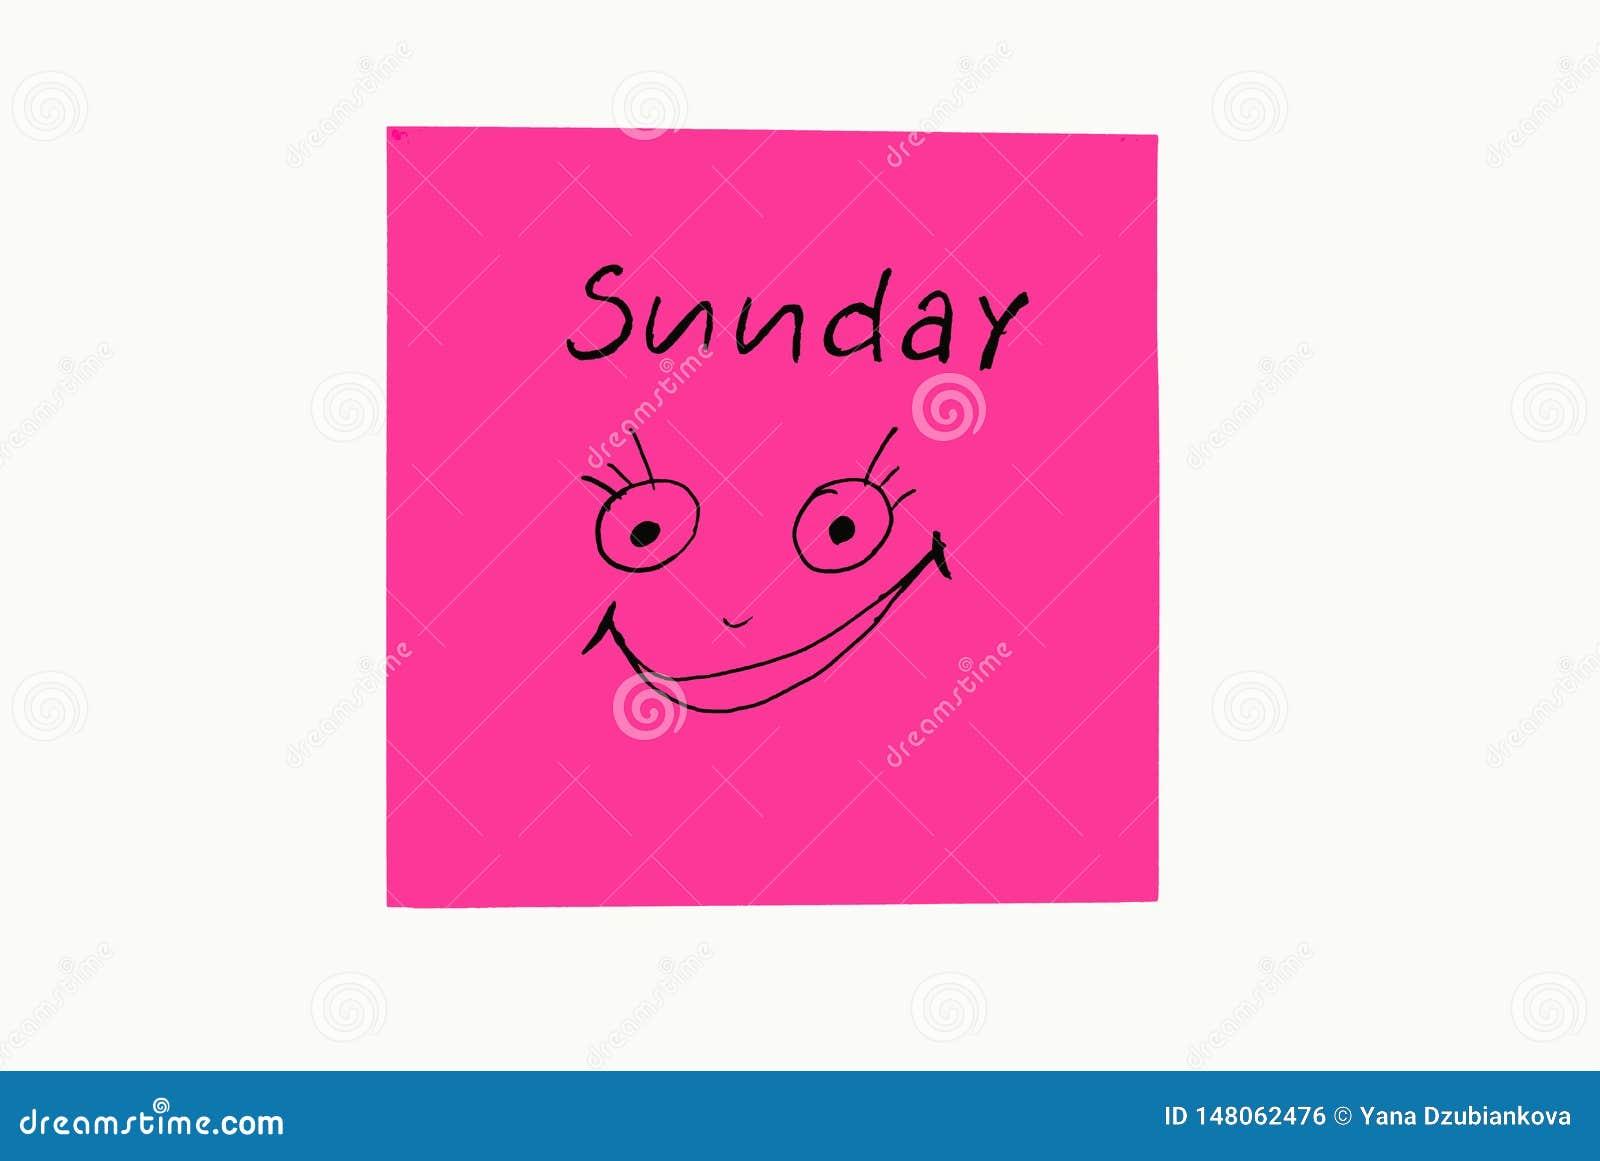 笔记贴纸,提醒每周 带有绘画情感的有趣笔记,反映每周的日子 星期一、星期二